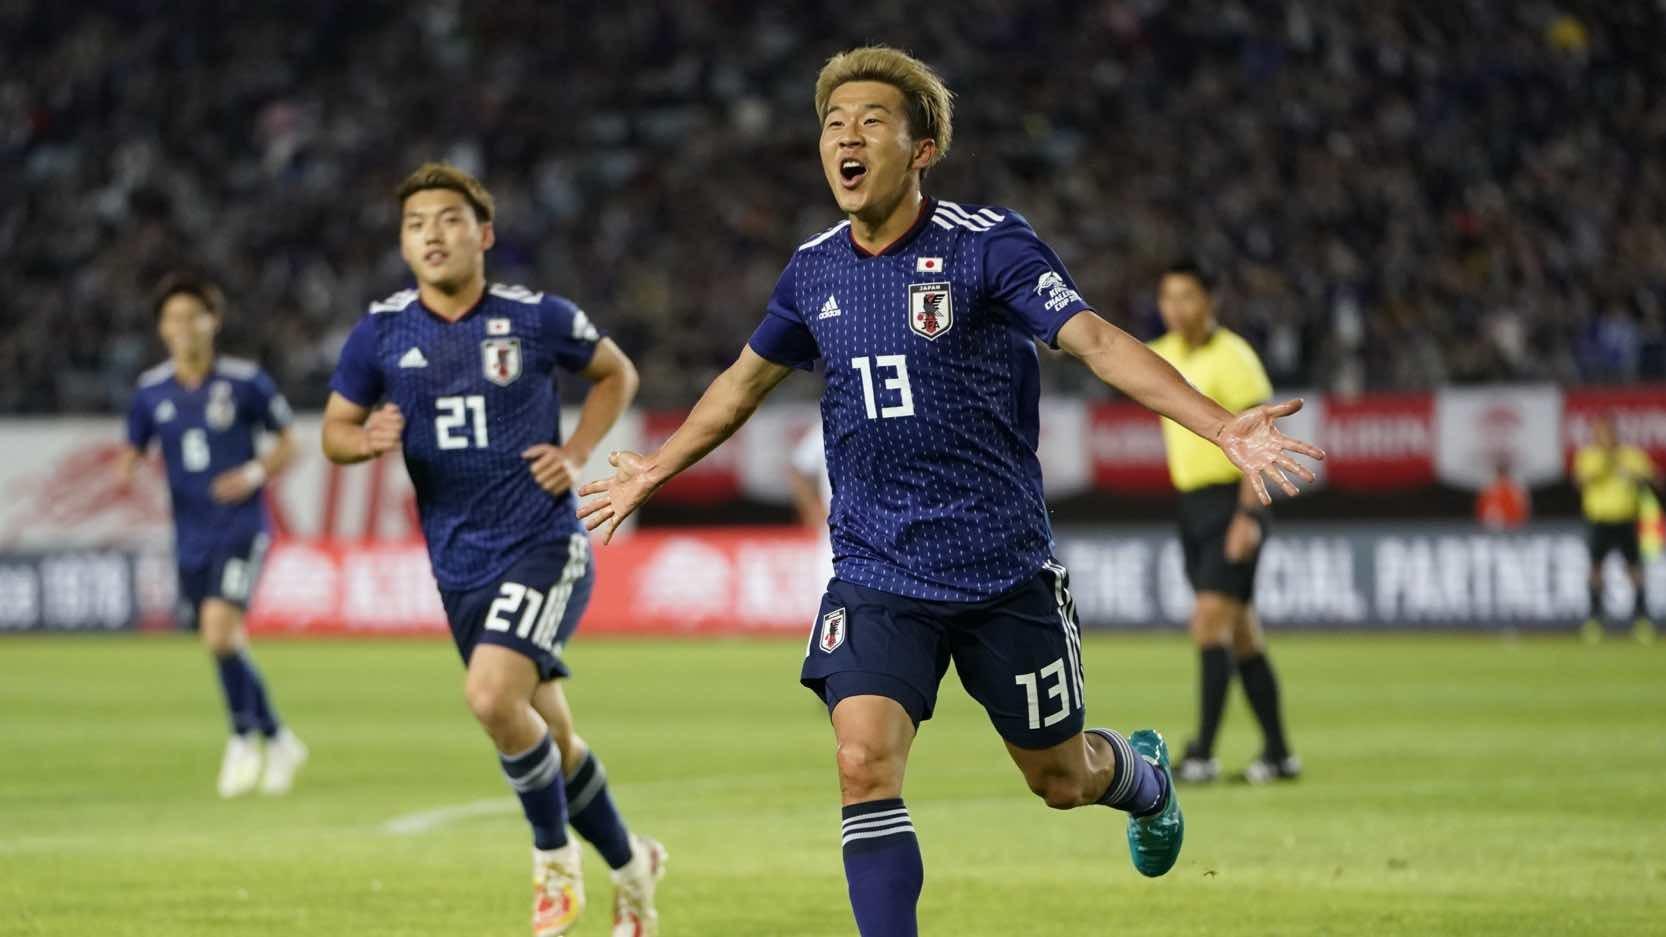 永井2得点!日本がエルサルバドルに快勝、久保は代表デビュー戦で好プレー見せる